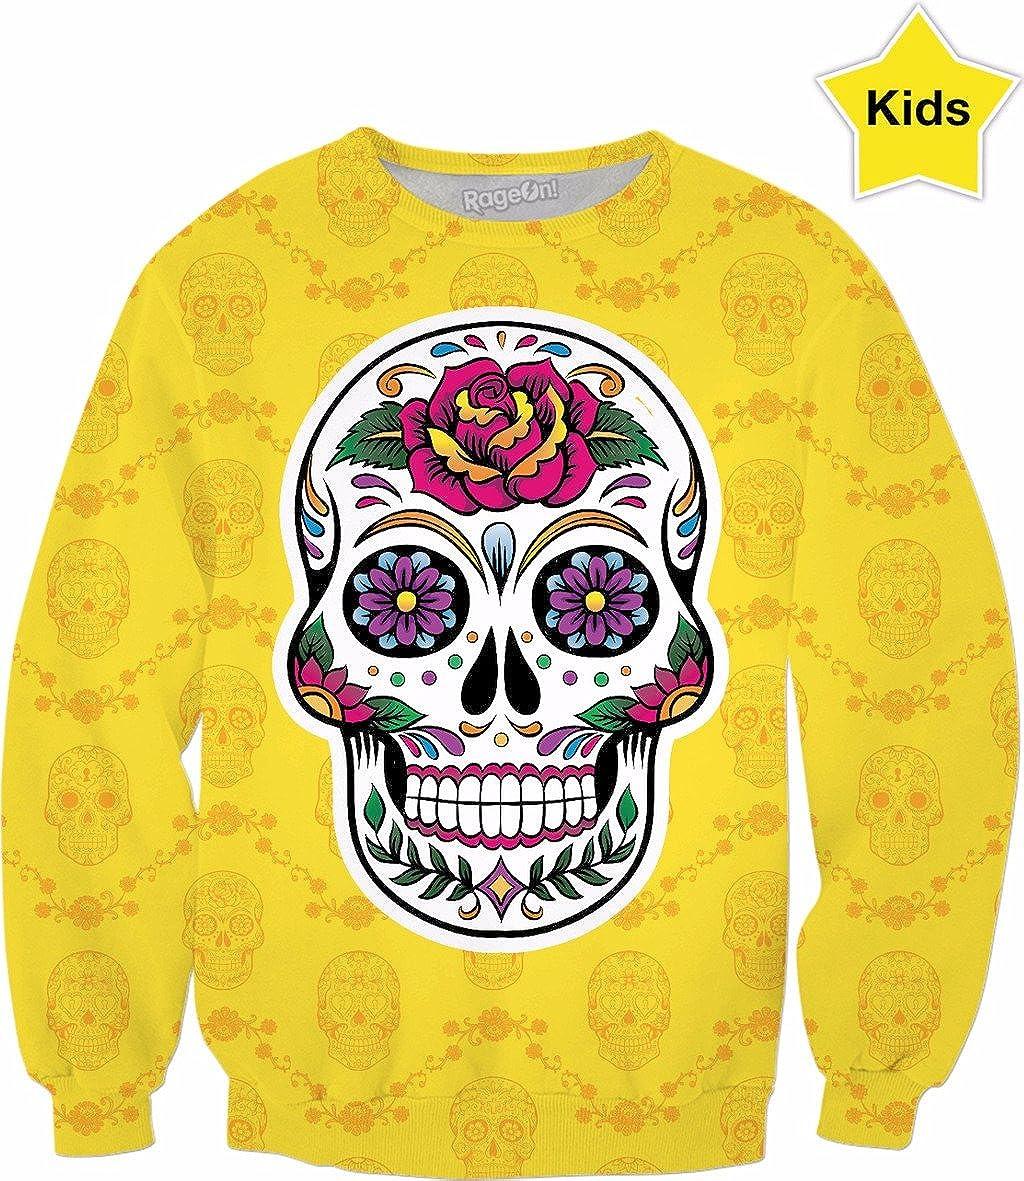 RageOn FridaKahlo Kids Yellow Sugar Skull Premium All Over Print Sweatshirt